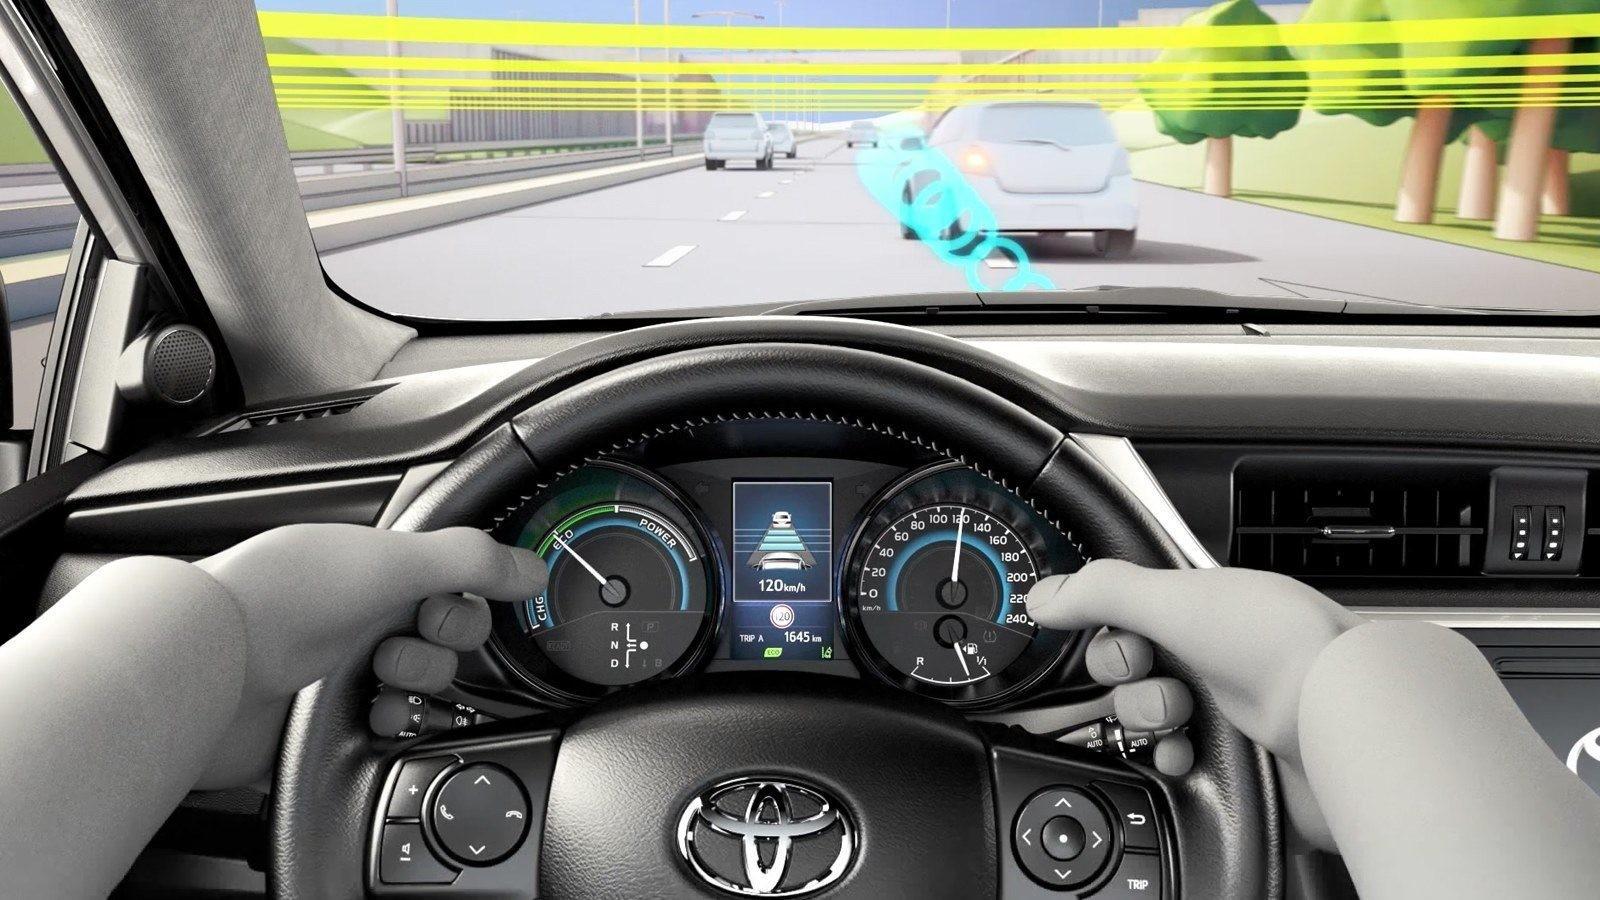 Toyota анонсировала систему безопасности Safety Sense второго поколения